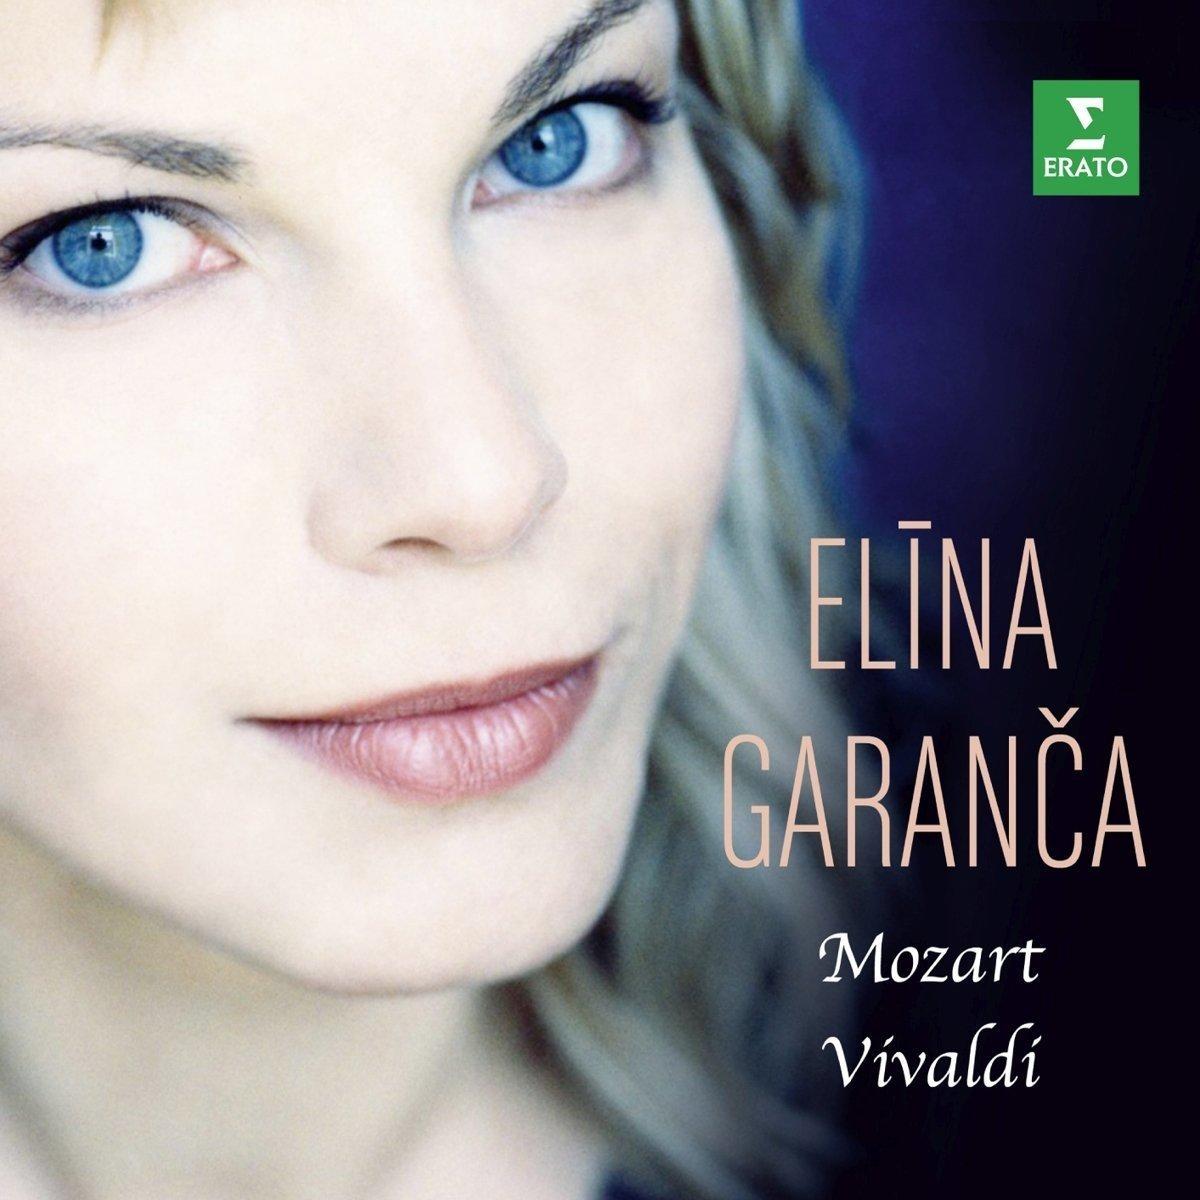 Mozart & Vivaldi: Elīna Garanča